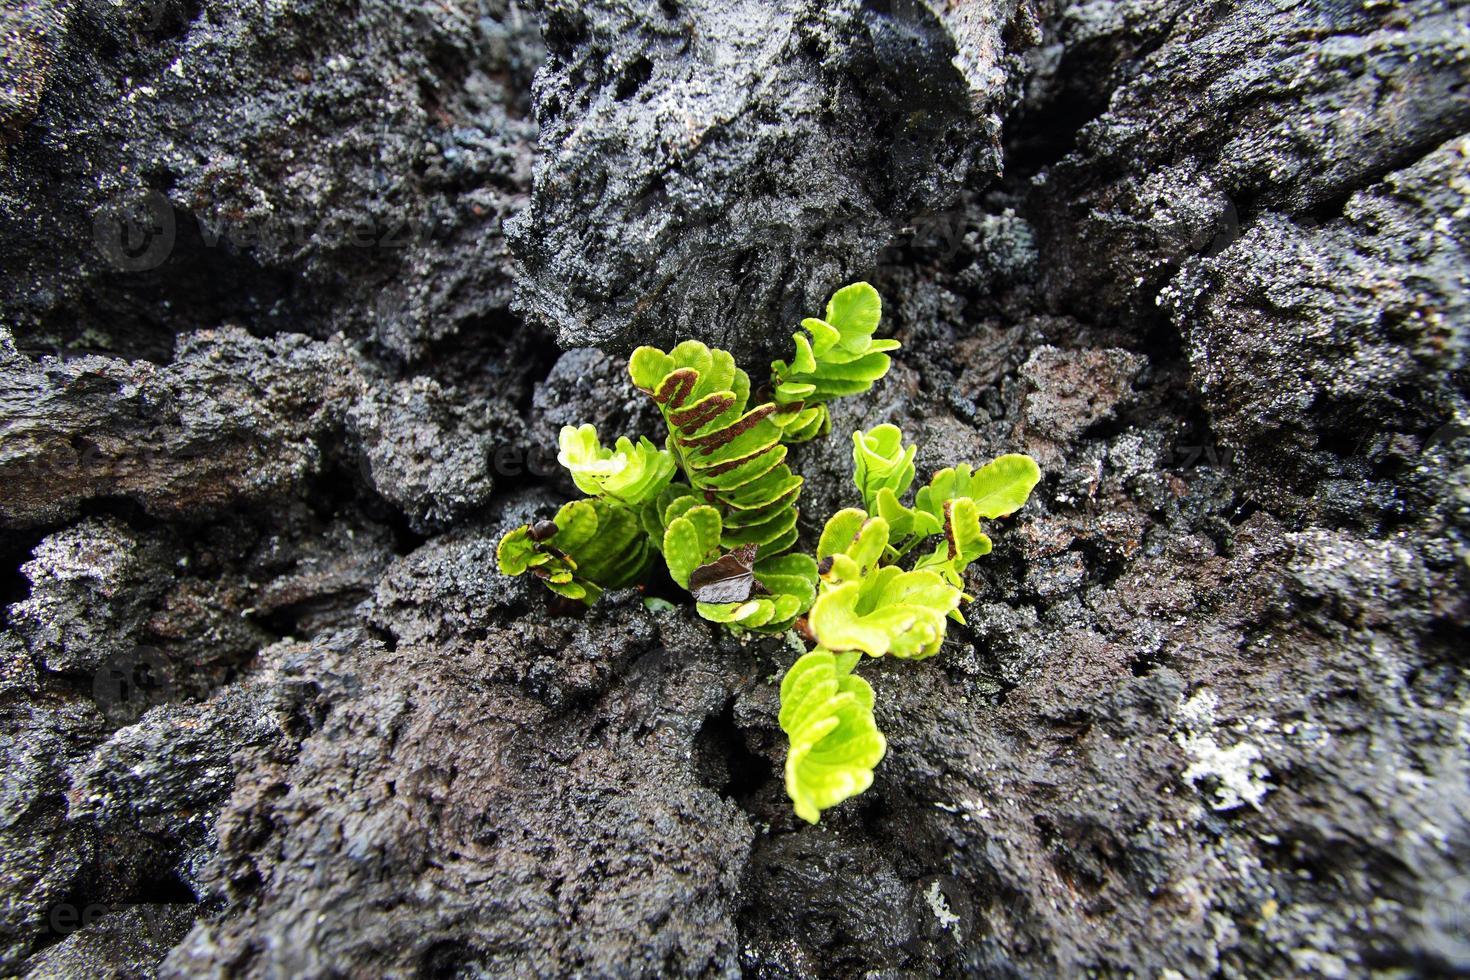 Pflanze wächst in der Lava foto